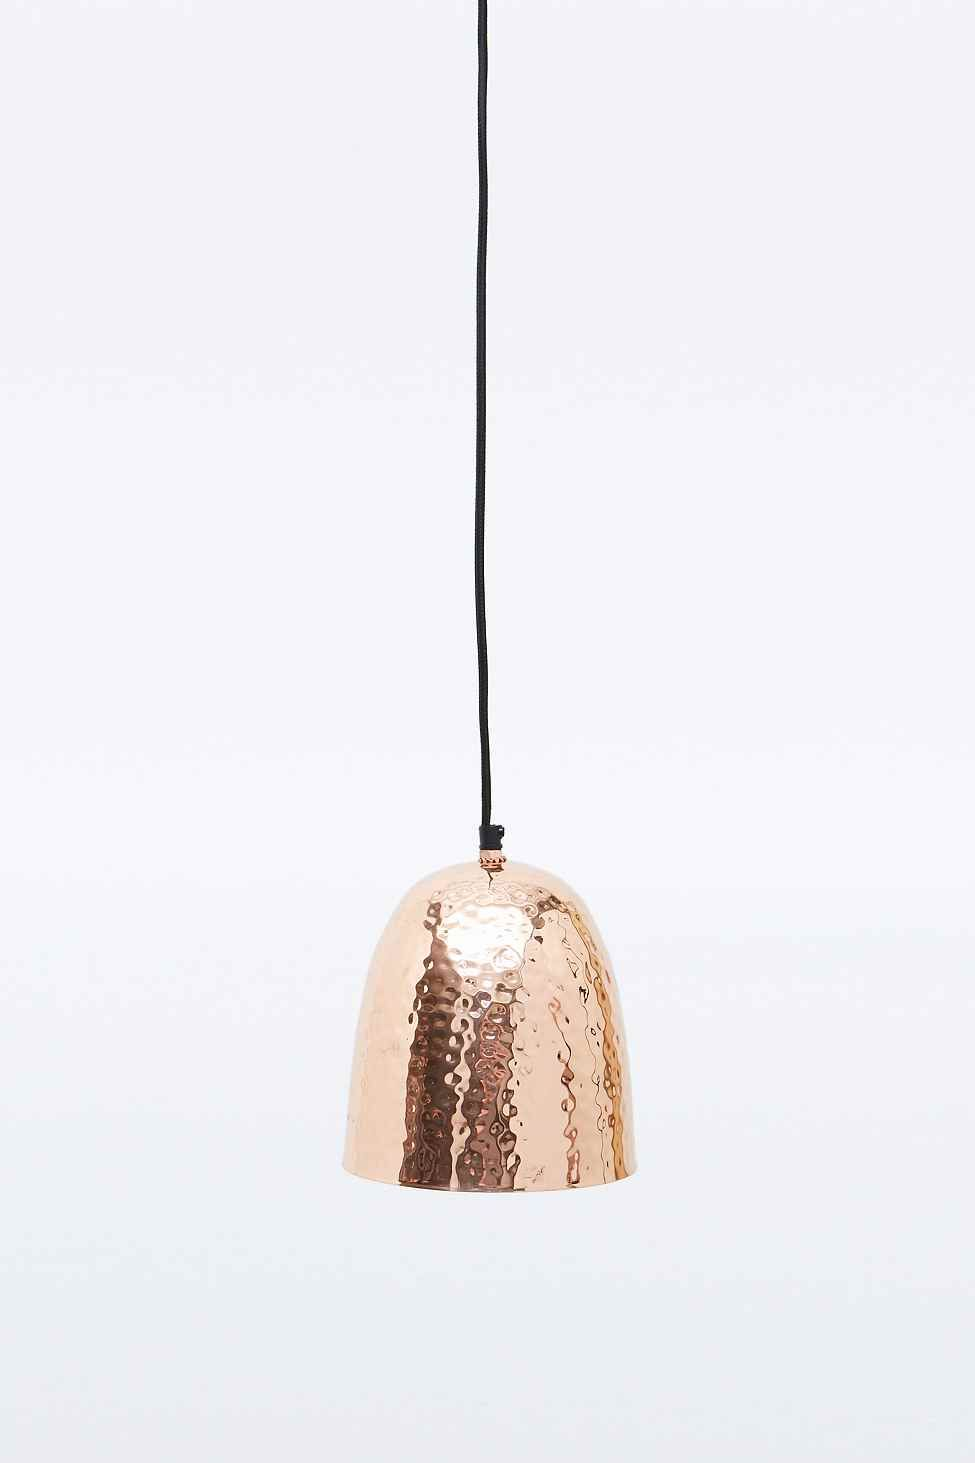 Hammered Copper Pendant Lamp Pendant Lamp Home Decor Copper Copper Interior